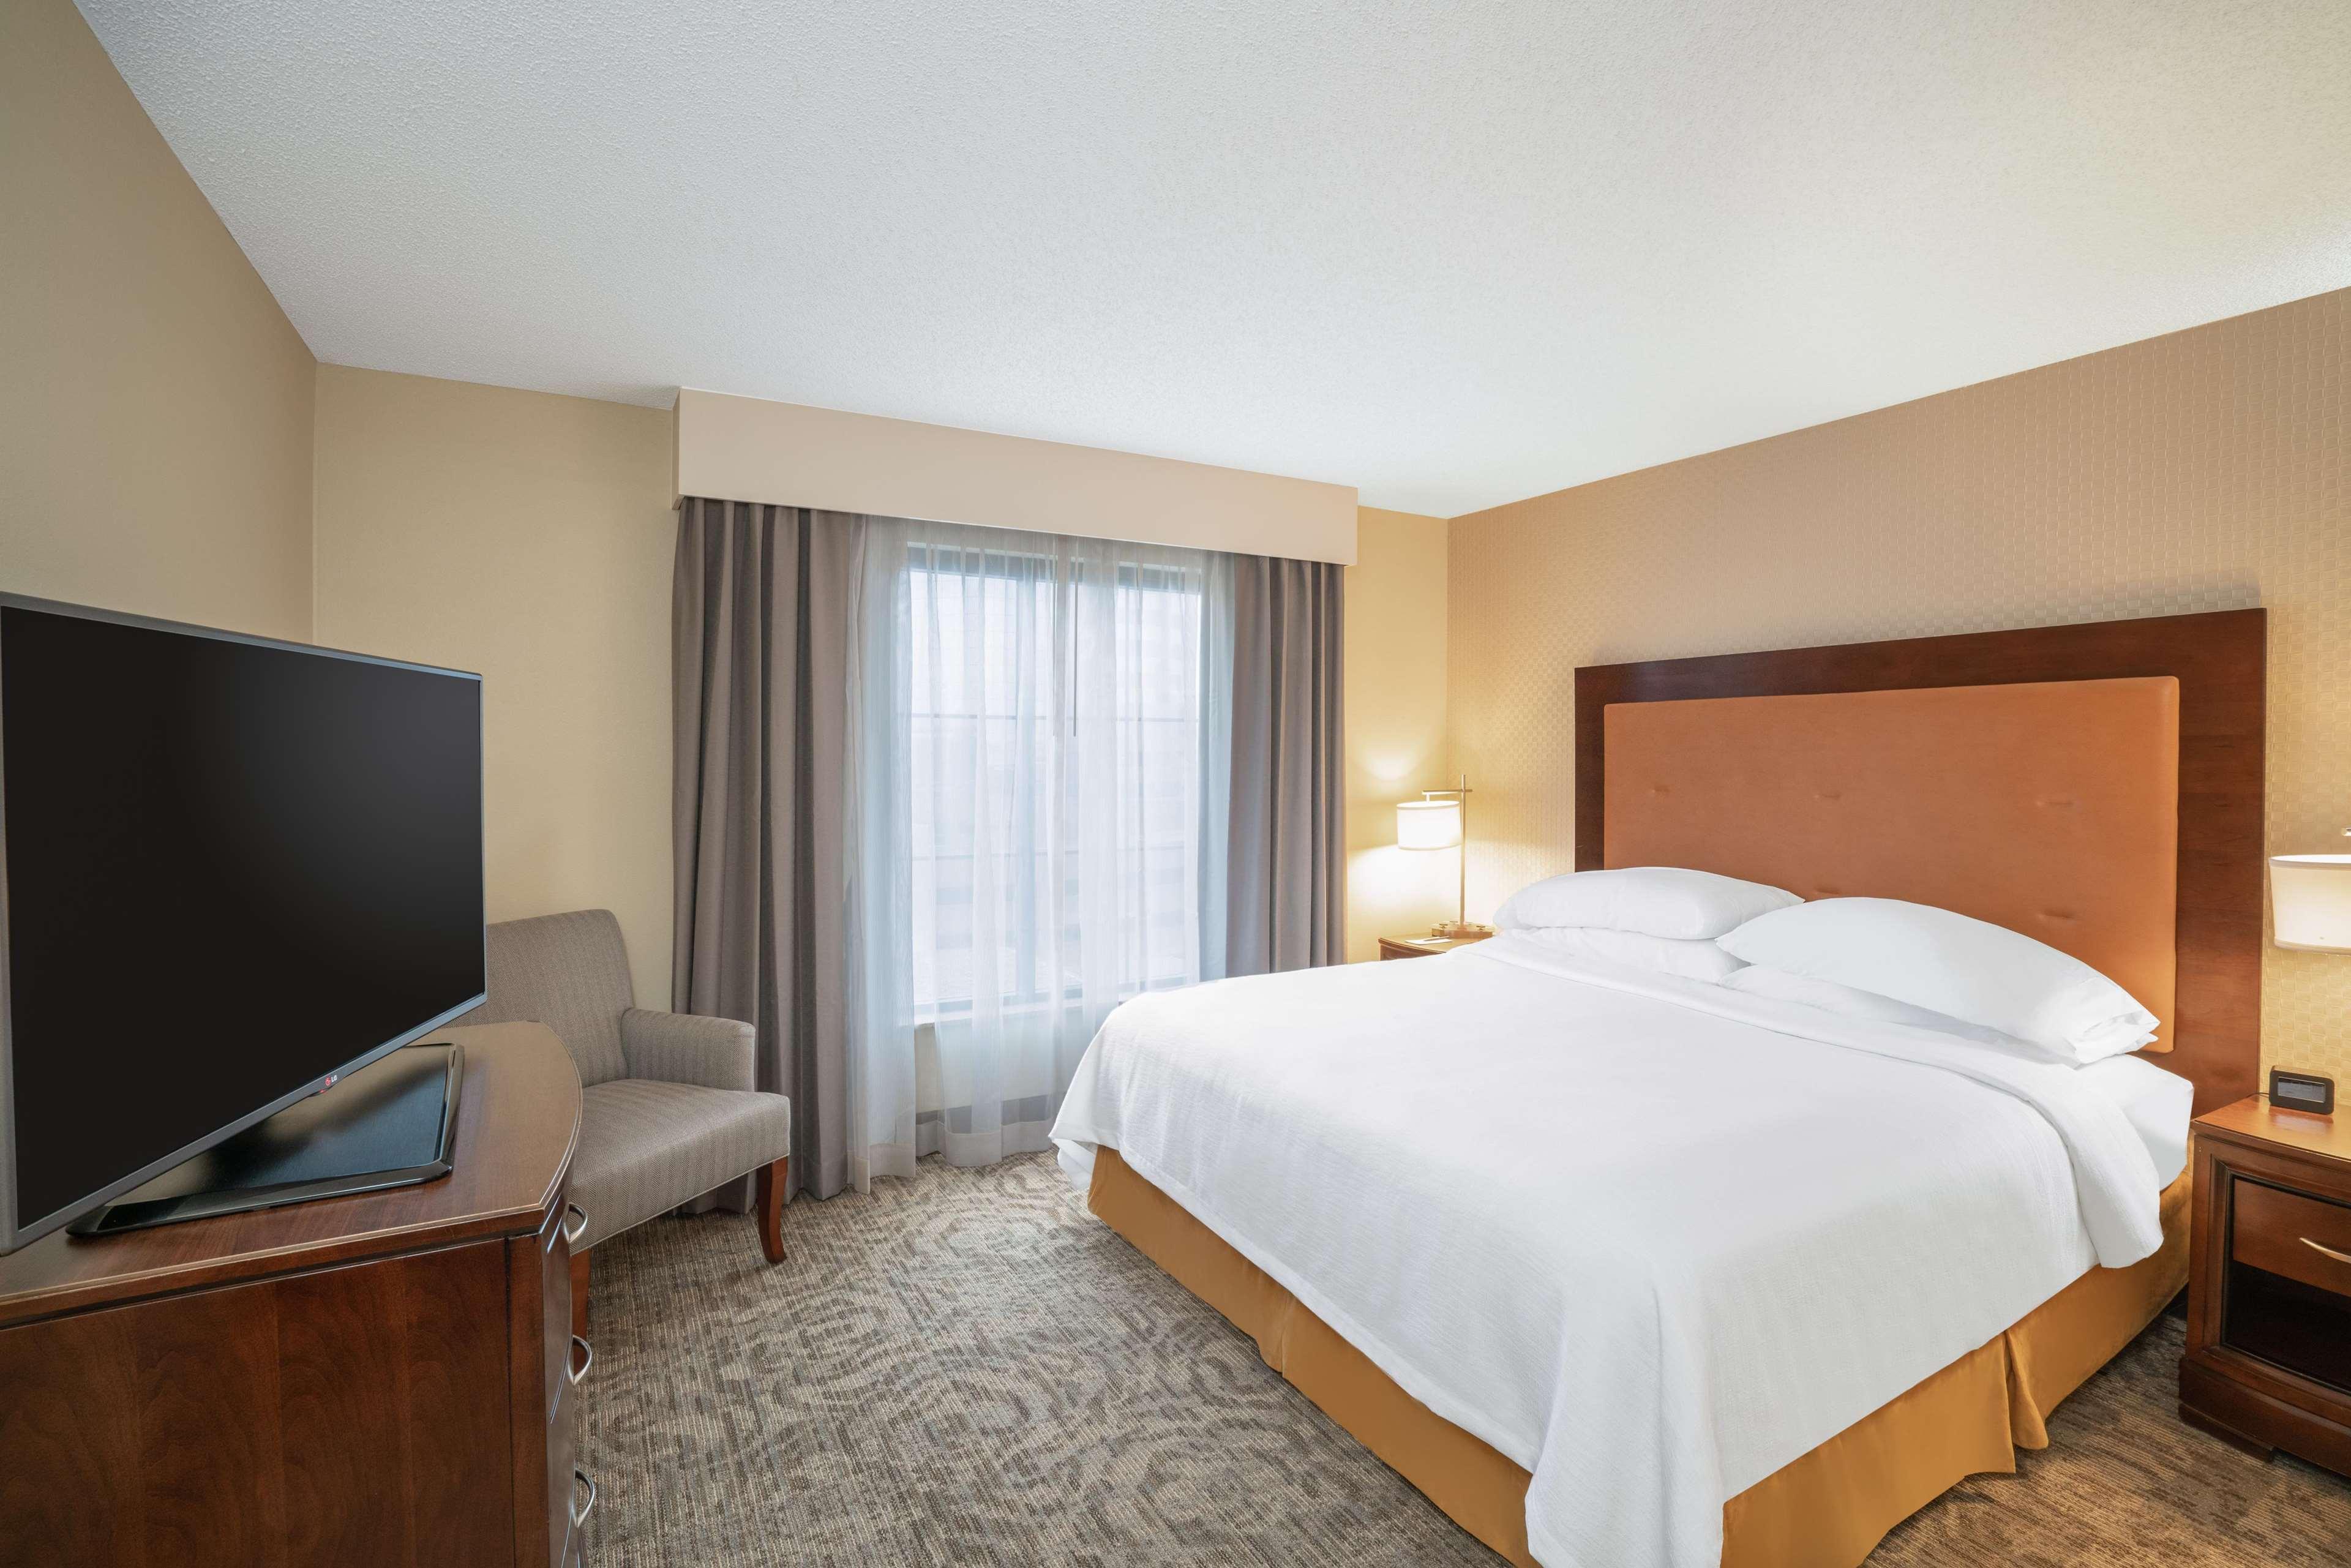 Embassy Suites by Hilton Nashville at Vanderbilt image 47